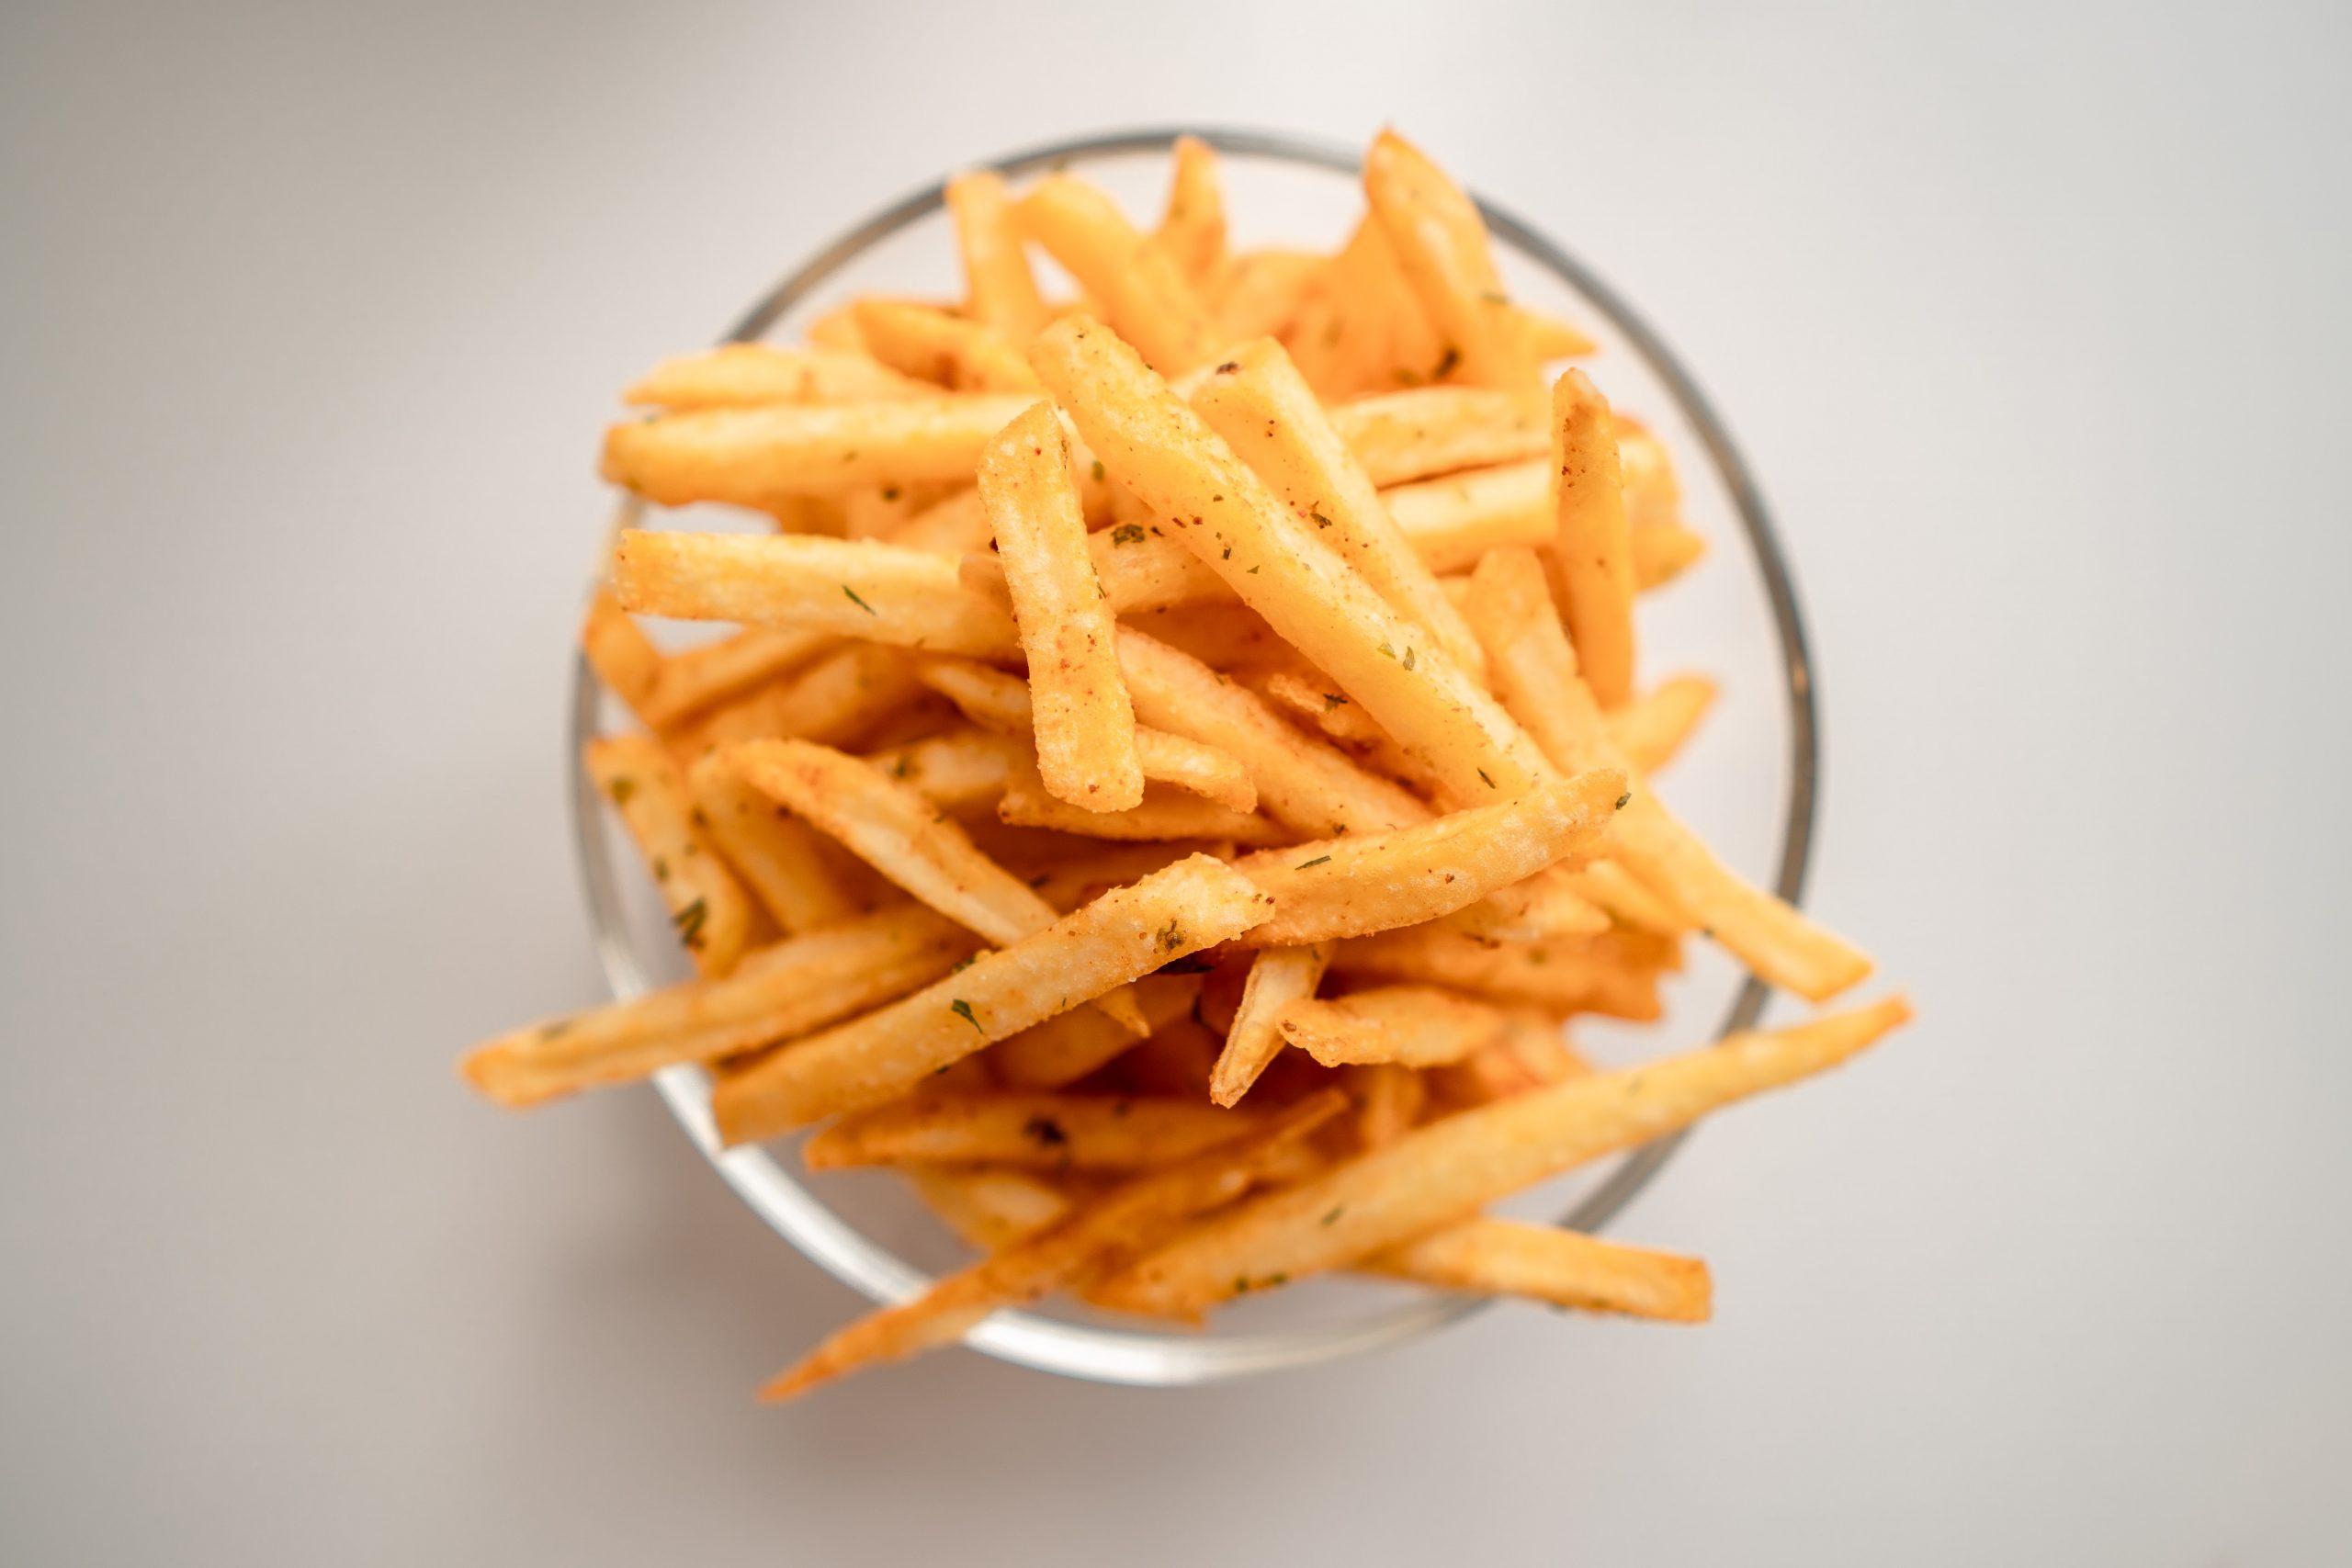 dégonfler ventre : supprimer la friture